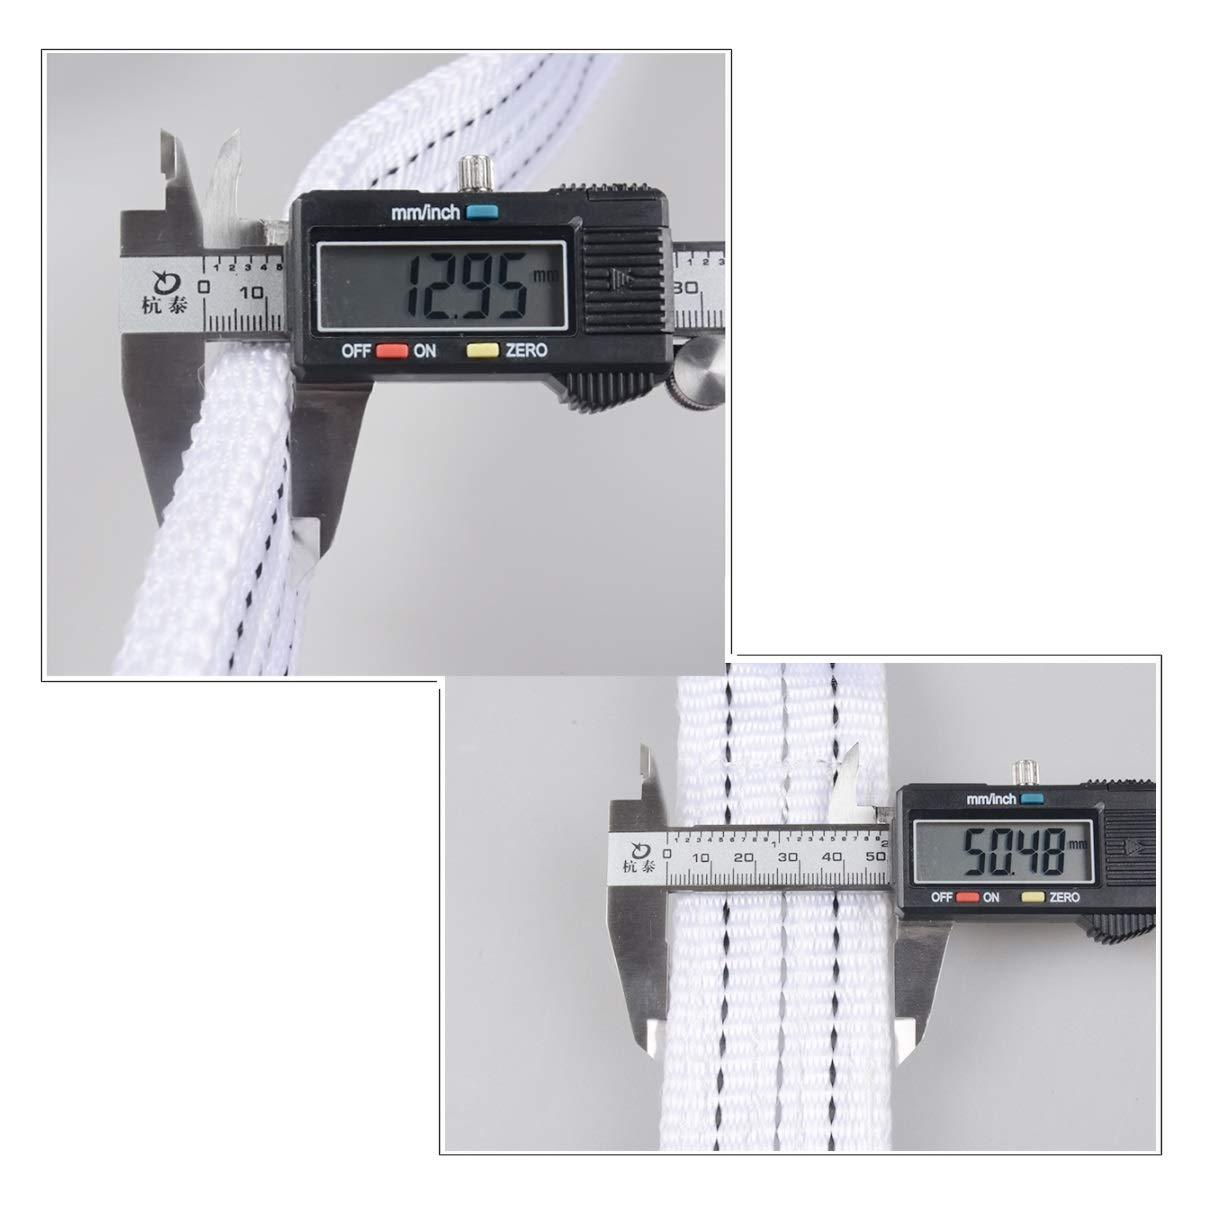 2 Sicherheitshaken Reflexstreifen Nylon-Abschleppseil 5 M // 6 T Schwerlast-Zugseil Fehlerbehebung und Traktion Penigoter Abschleppseil